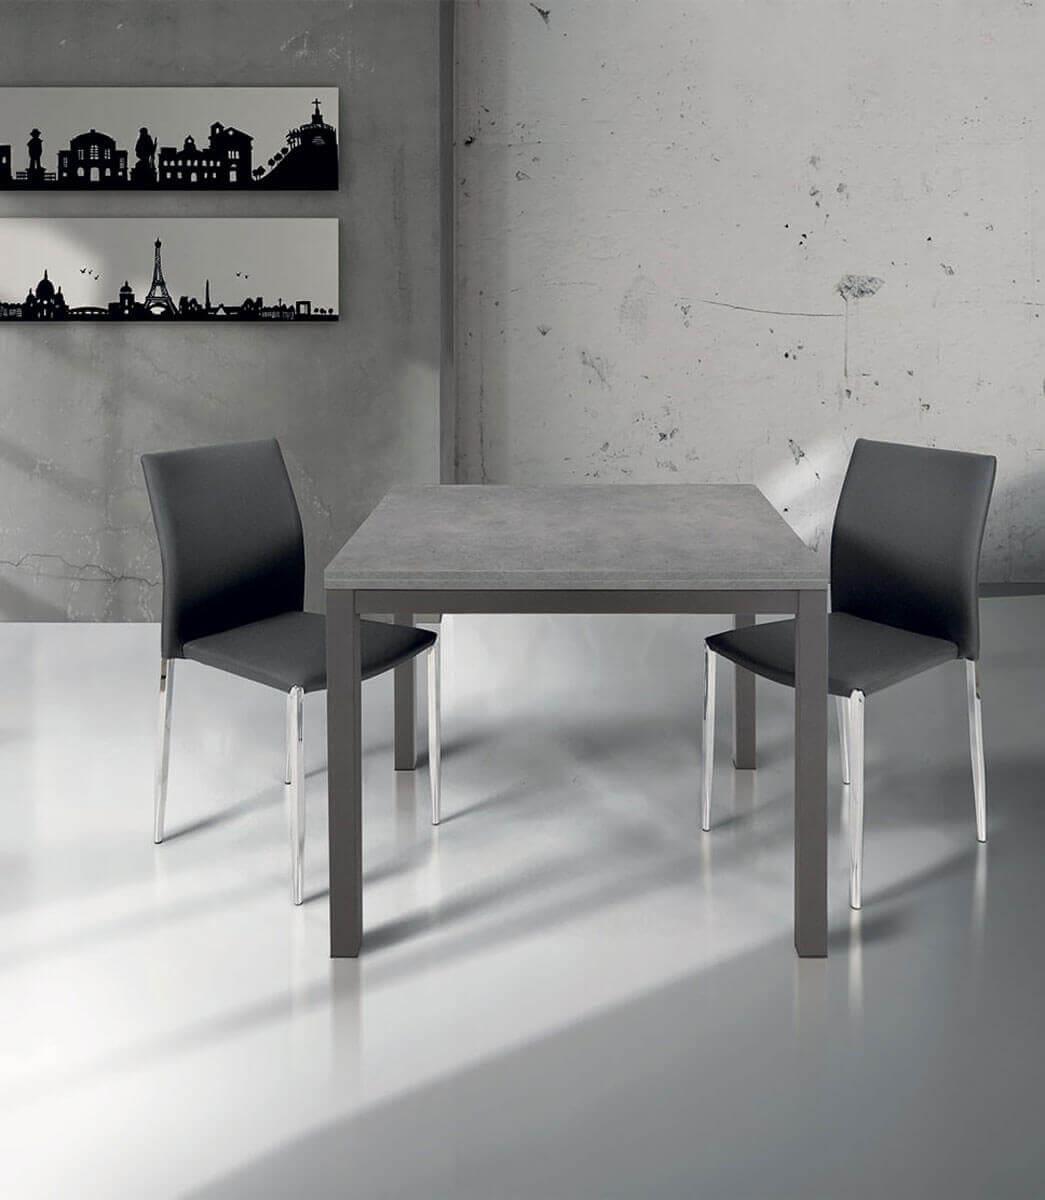 Tavolo quadrato allungabile a libro in legno laminato e metallo 4/8 persone  90/180 cm - Spazio Casa